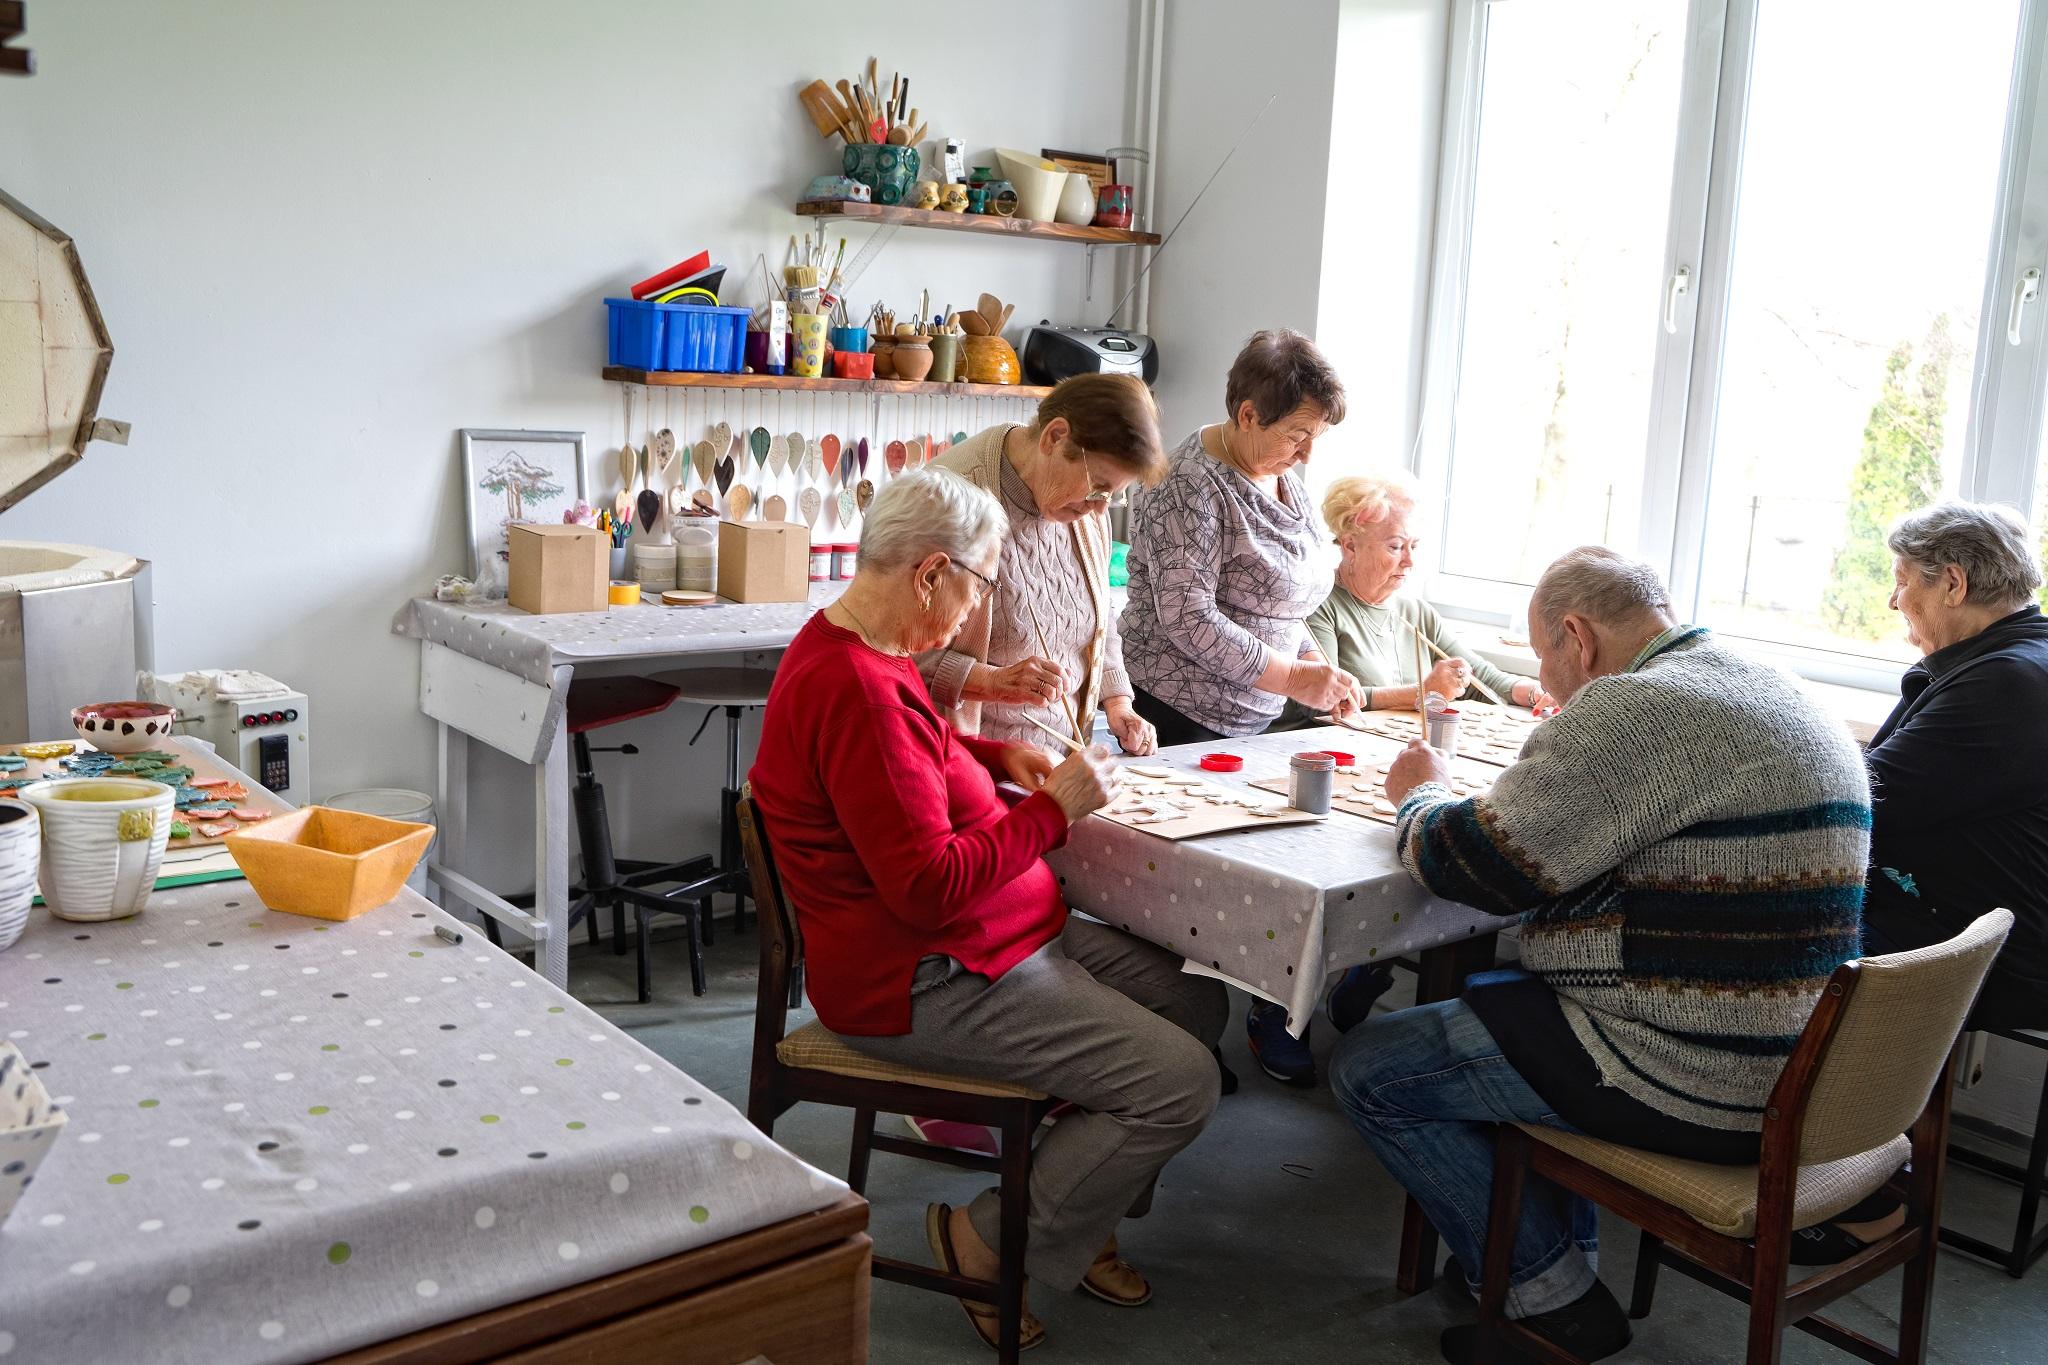 Na zdjęciu przedstawione wnętrze pracowni ceramicznej, seniorzy siedzący przy stole wykonujący ozdoby ceramiczne.